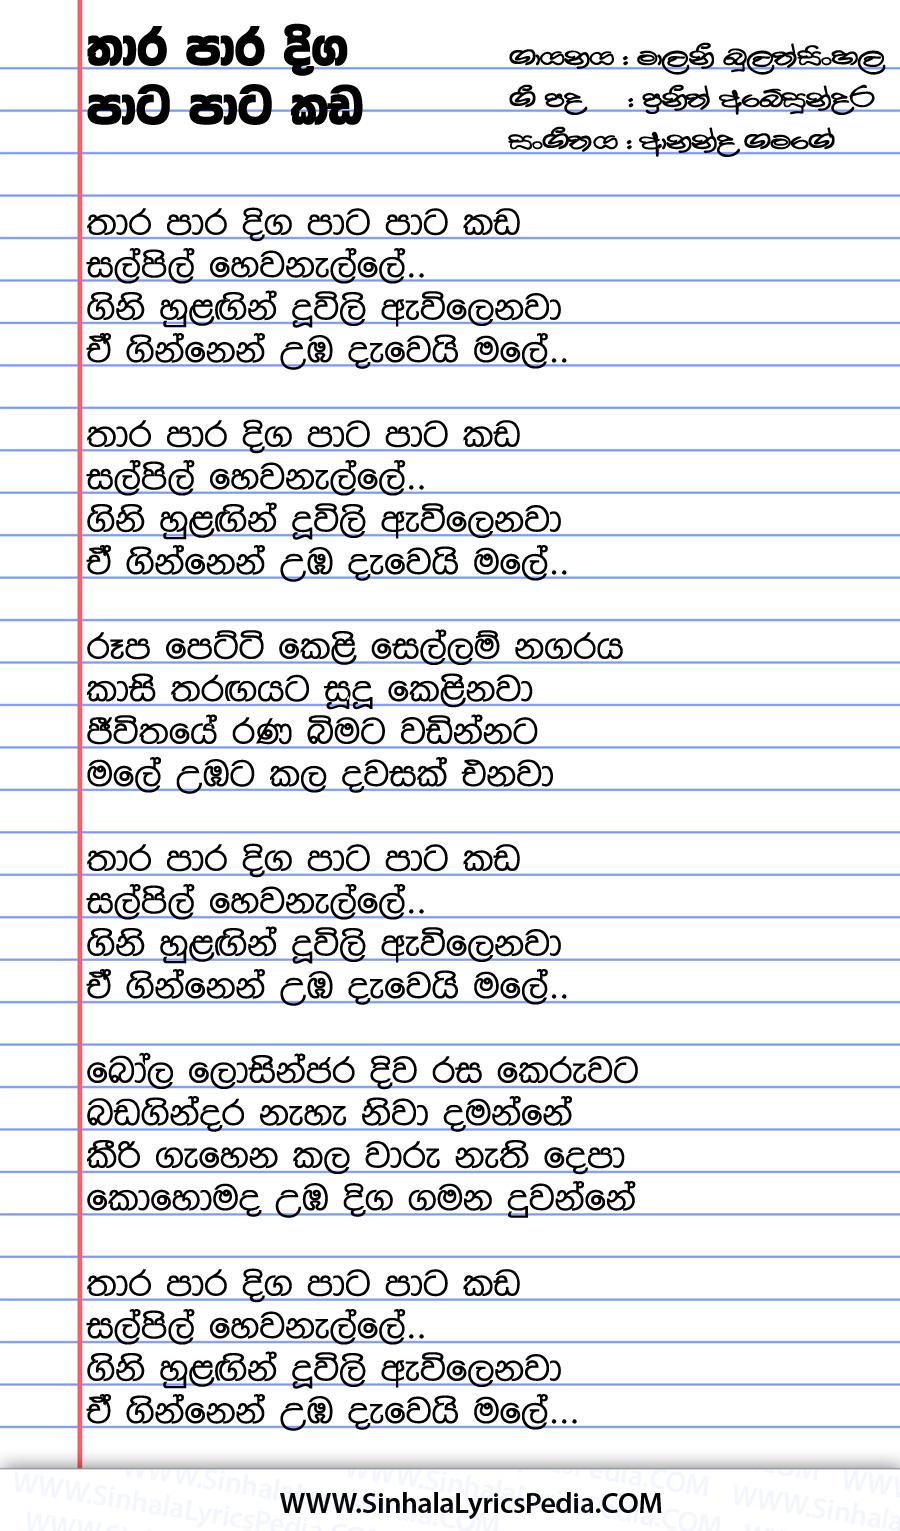 Thara Para Diga Pata Pata Kada Song Lyrics